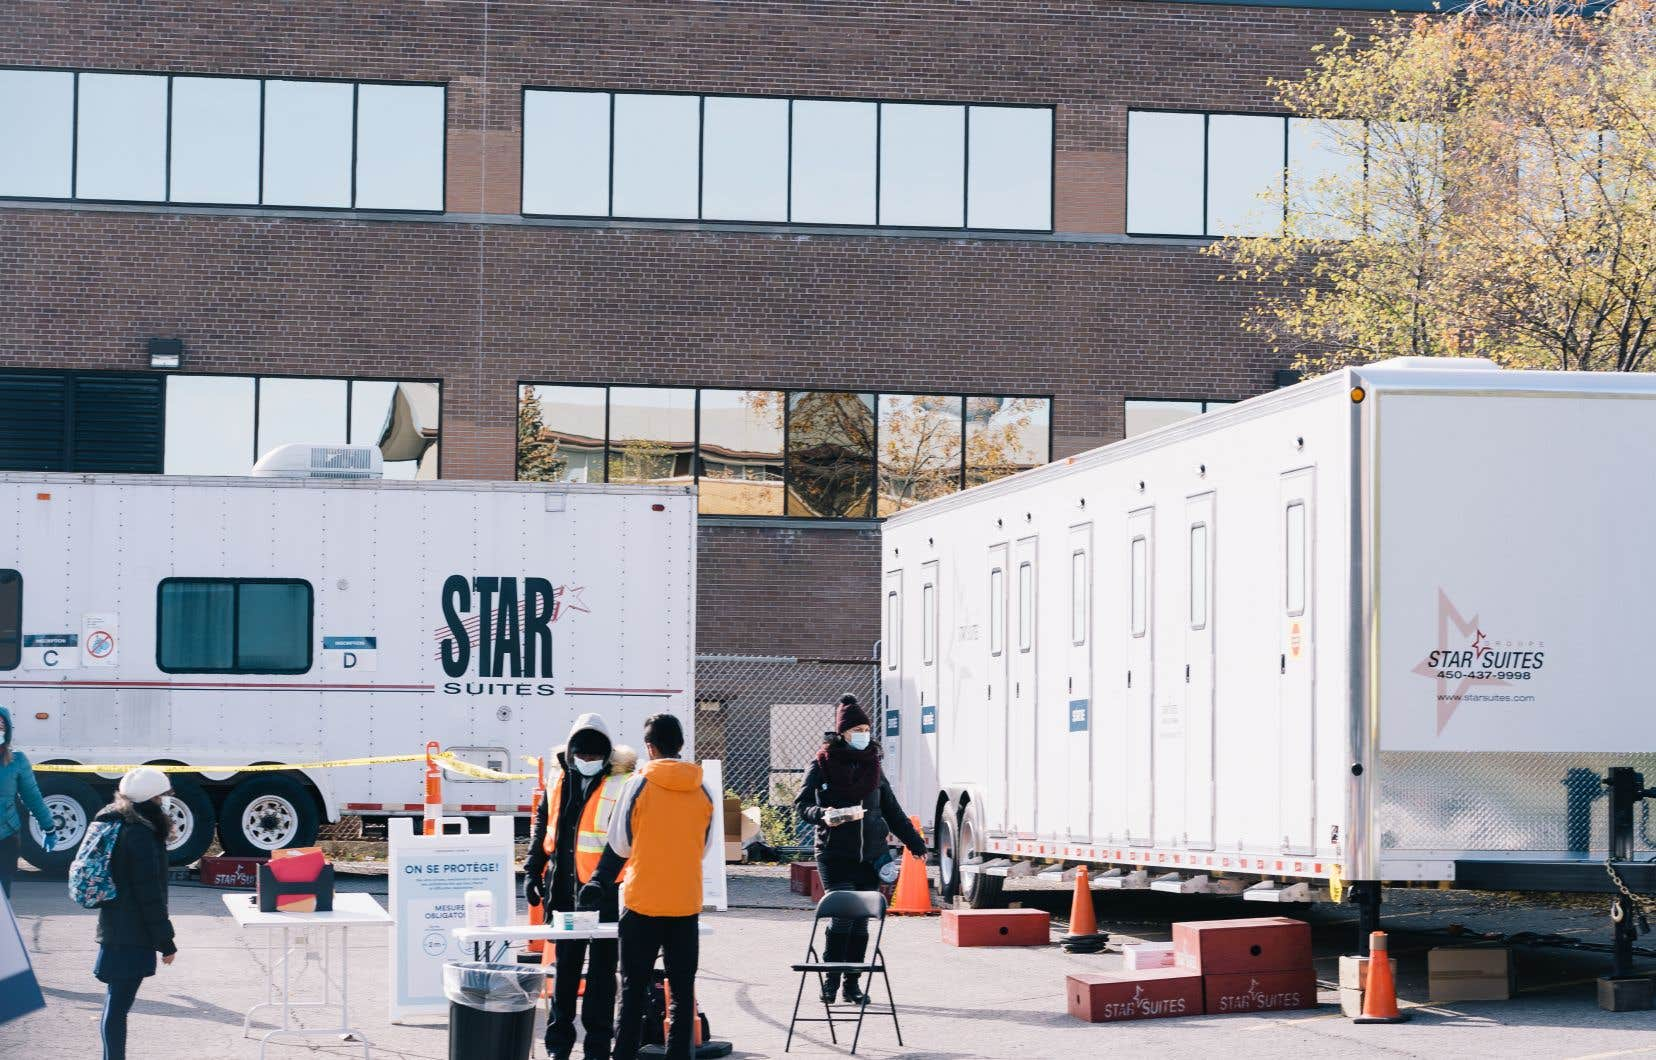 Une clinique mobile de dépistage de la COVID-19 s'est établie vendredi dans la cour de l'école Lucien-Pagé, dans le quartier Parc-Extension à Montréal.